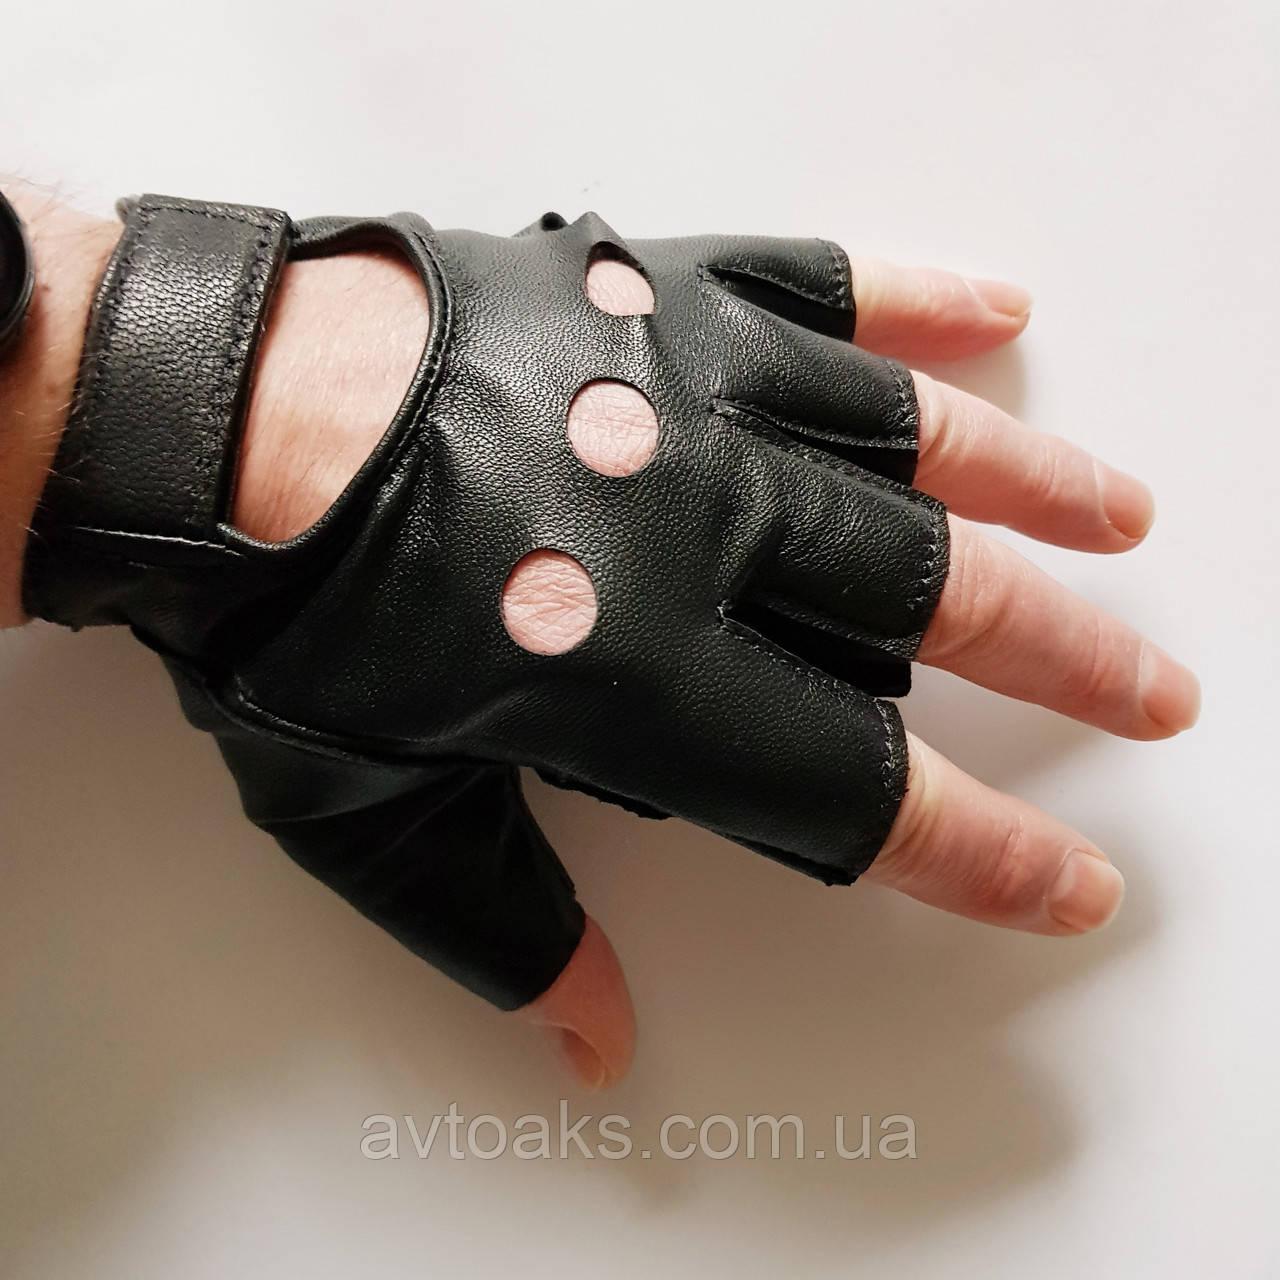 Перчатки кожаные, размер М, цельный верх